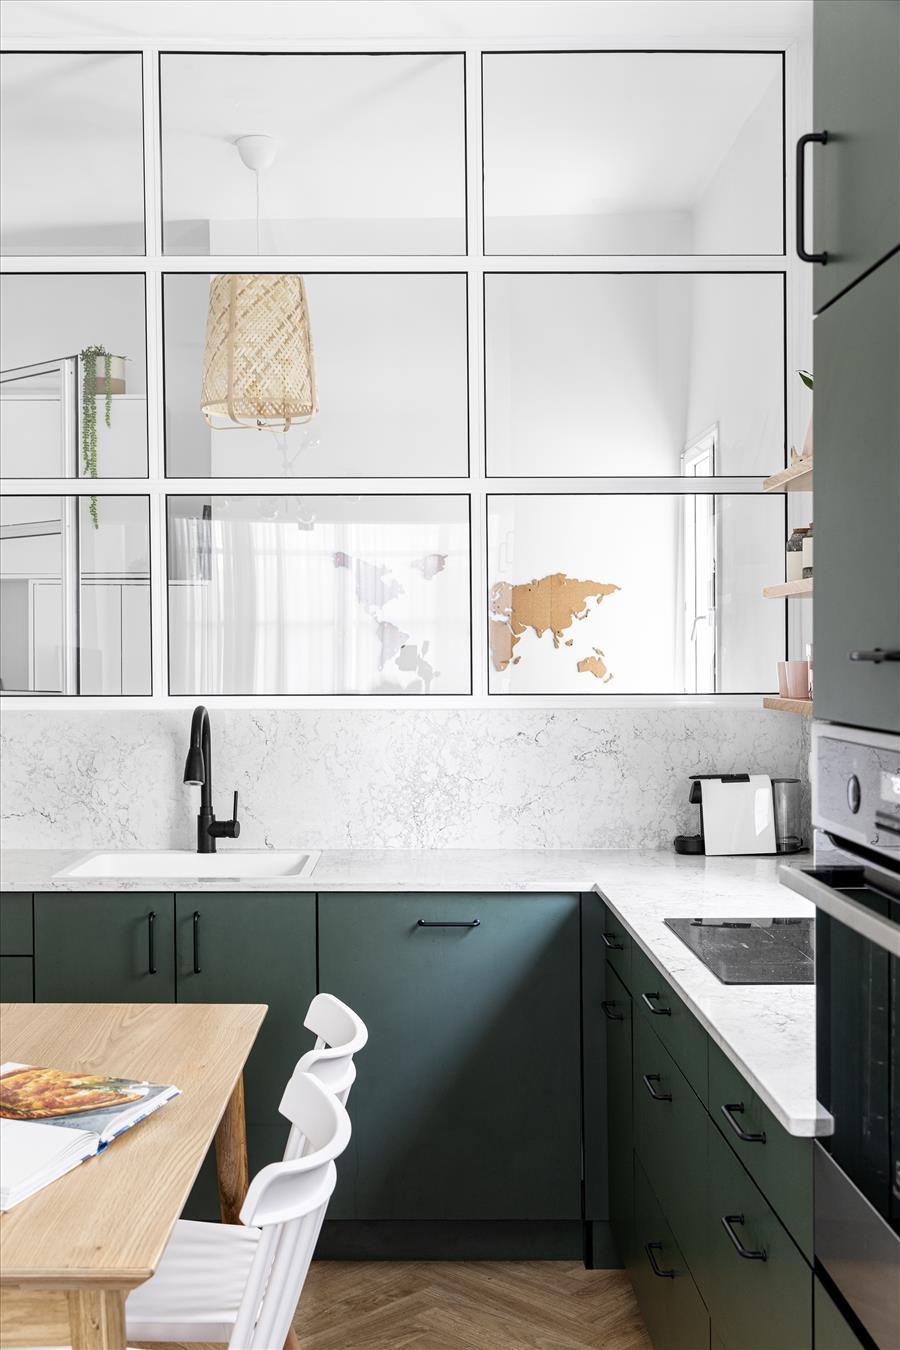 עיצוב אפרת וייברג, סטודיו WE Architects | צילום איתי בנית